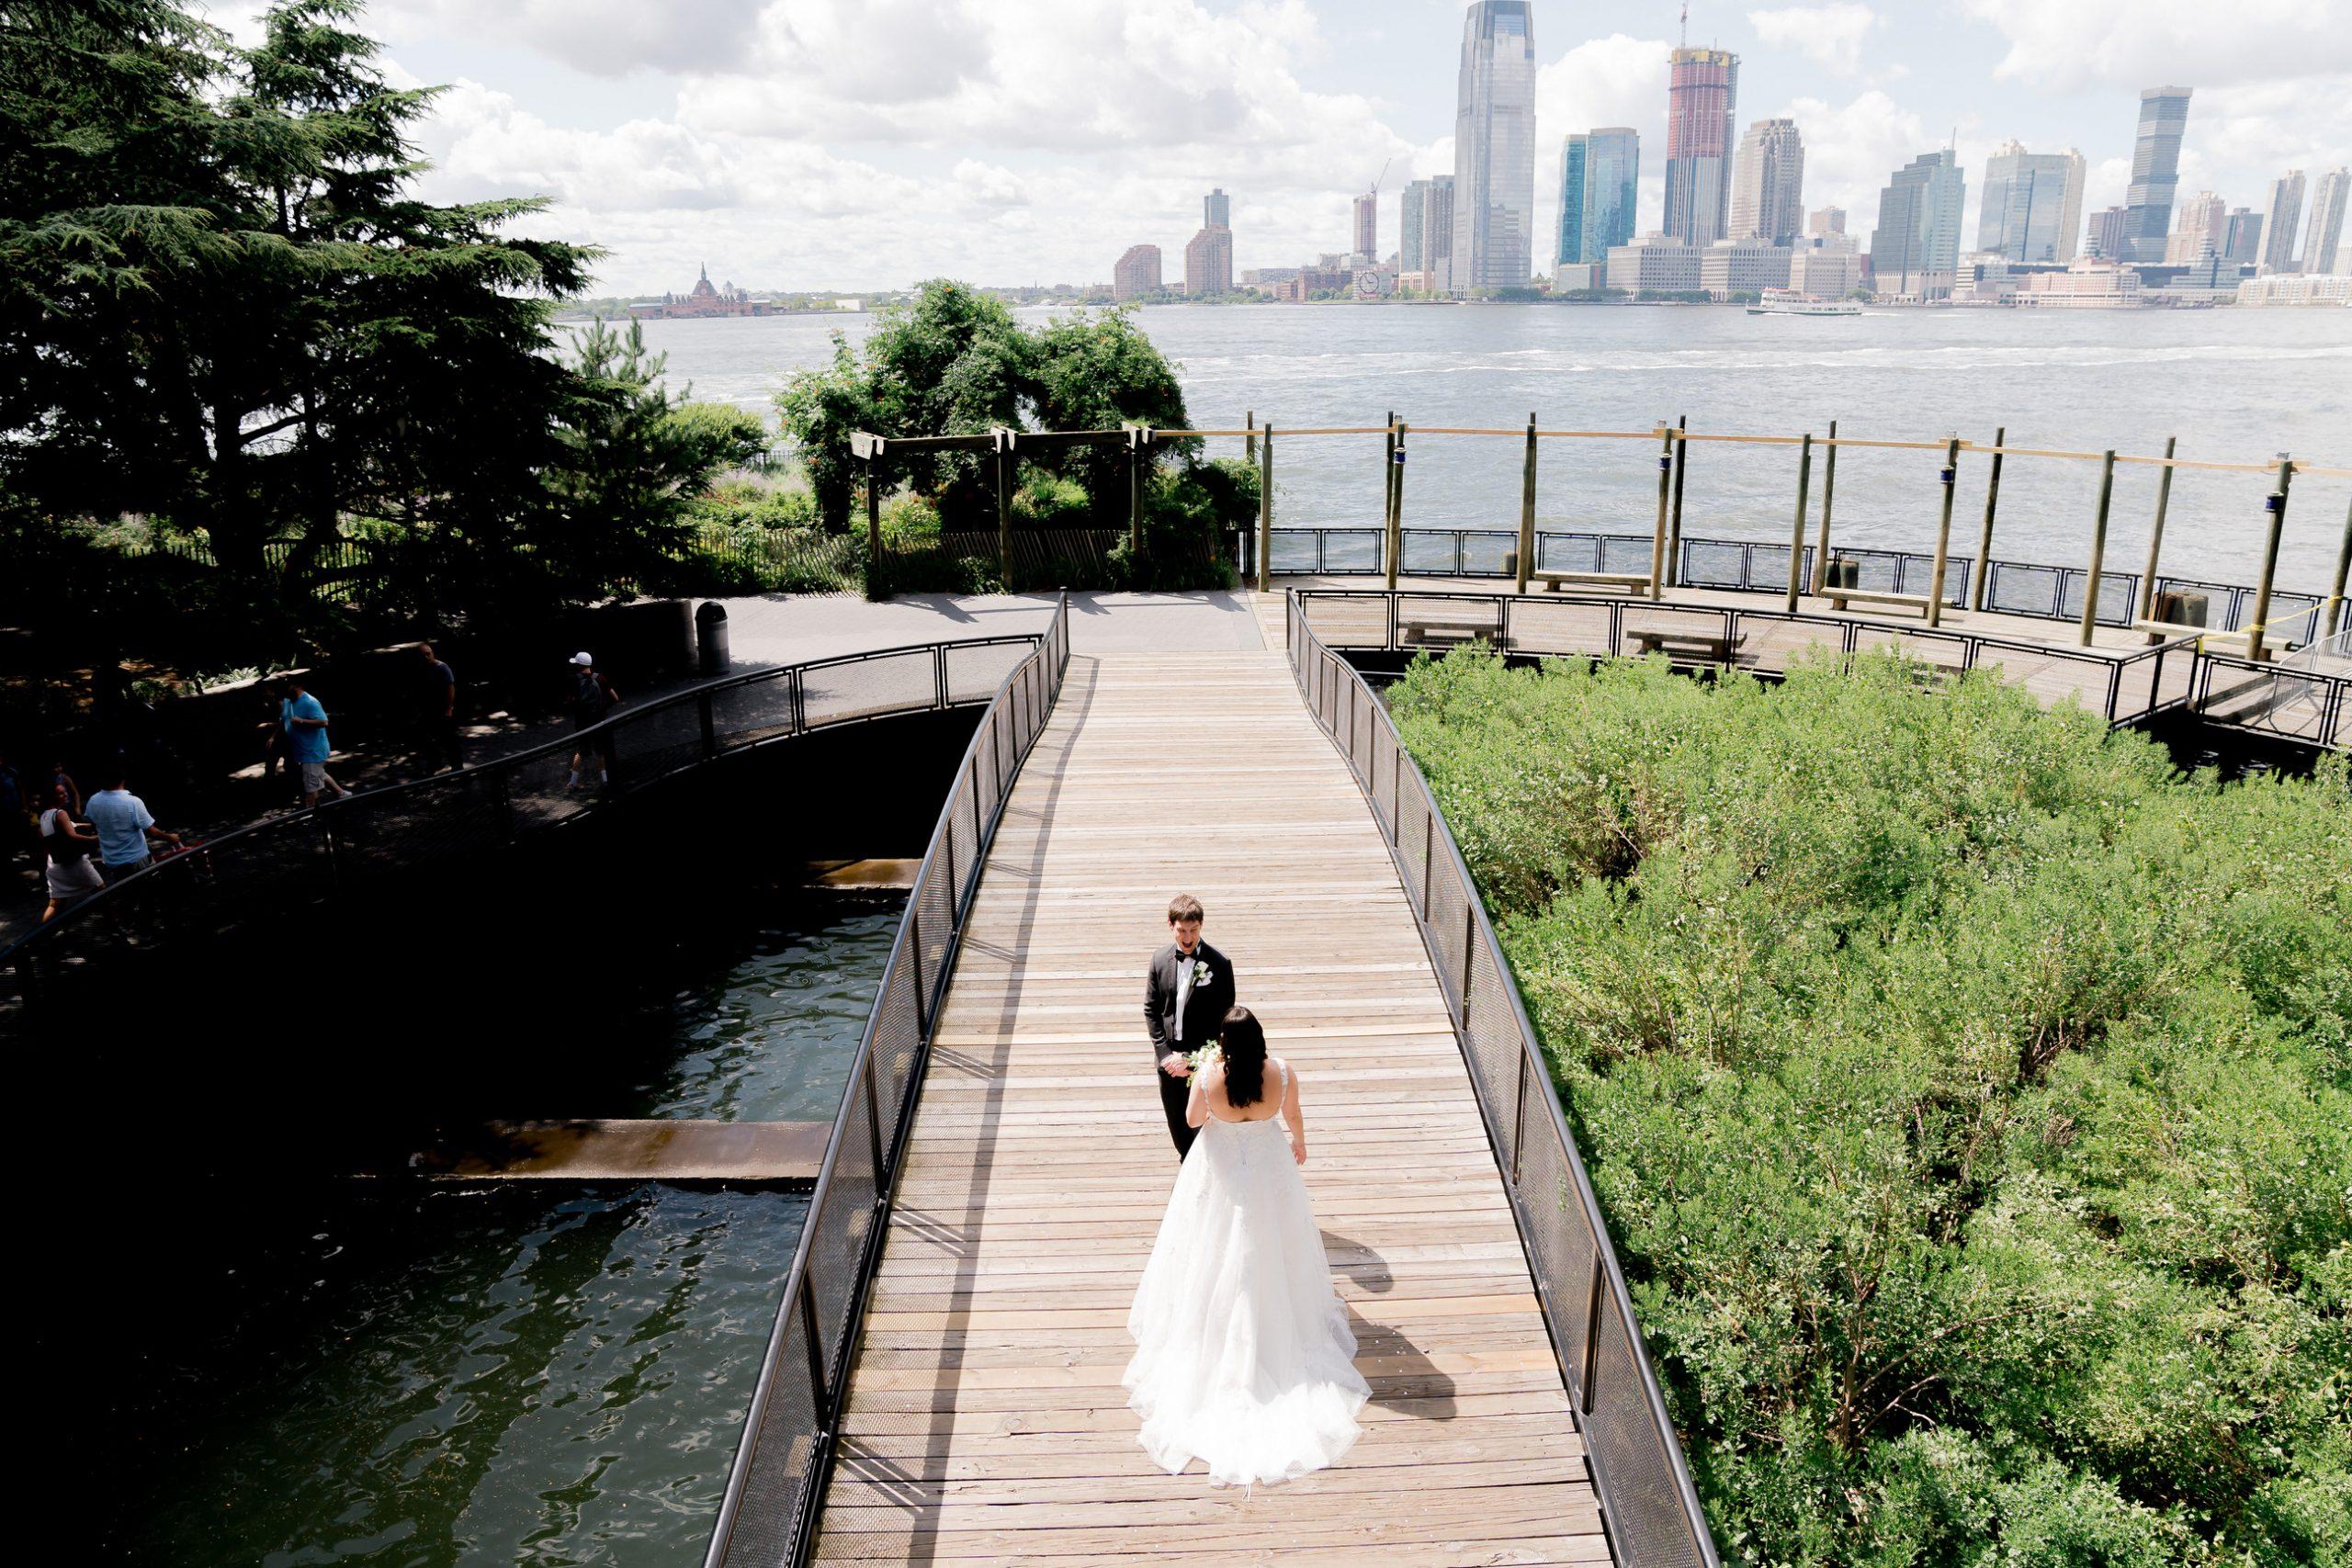 first look near battery gardens before wedding